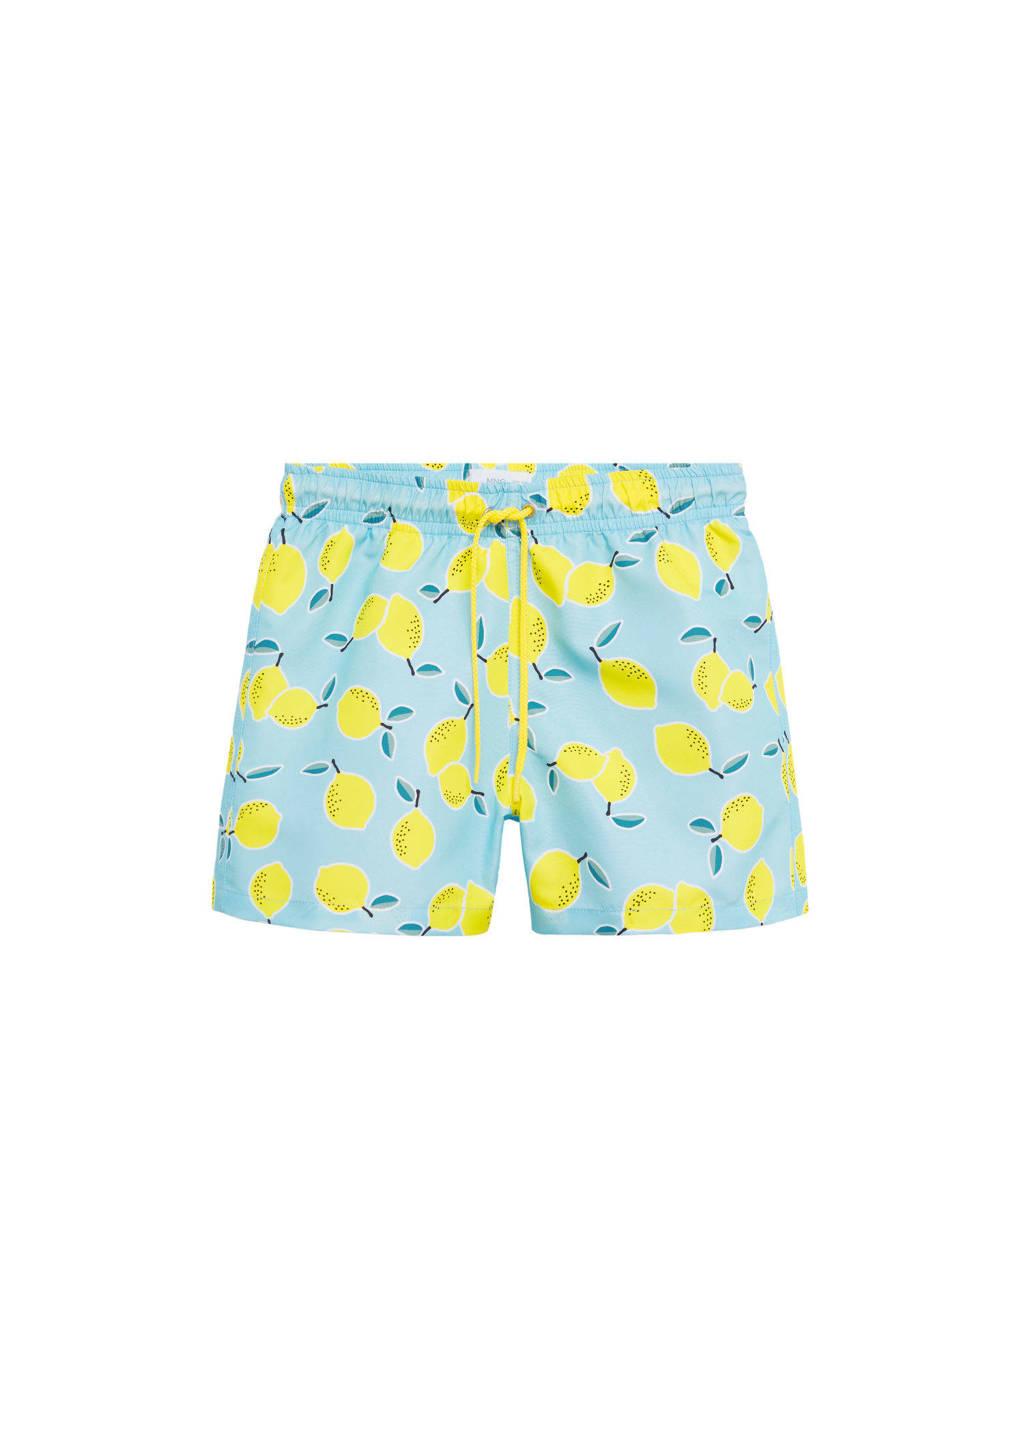 Mango Kids zwemshort met citroen print lichtblauw/geel, Lichtblauw/geel